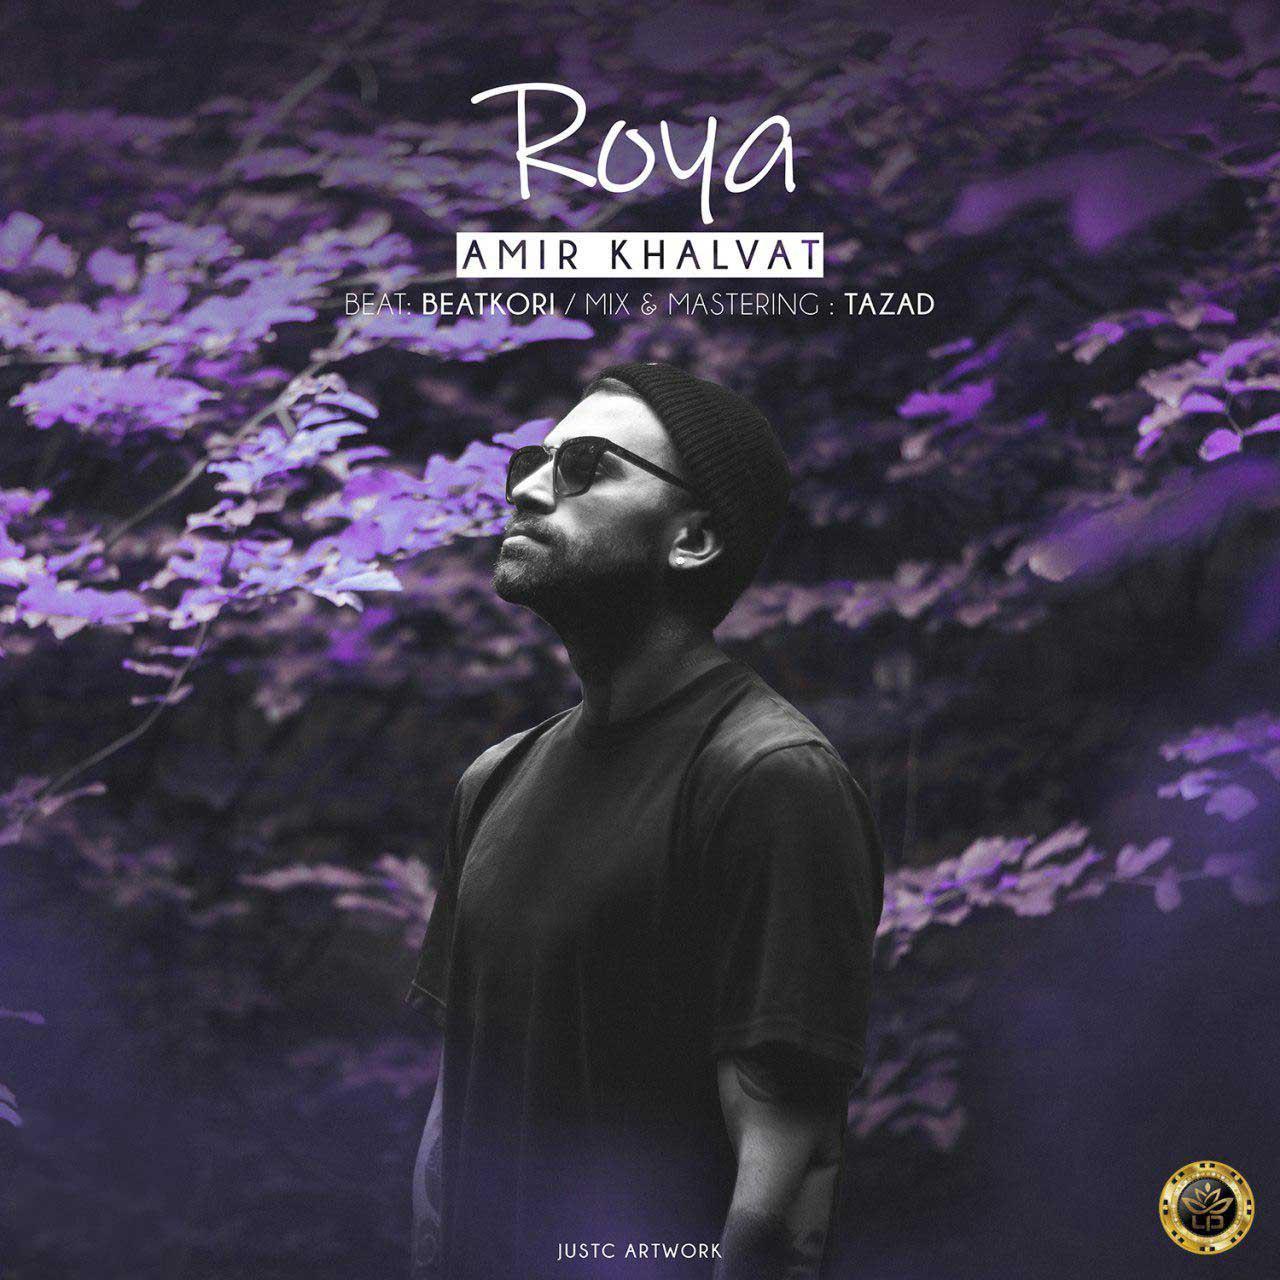 Amir Khalvat – Roya